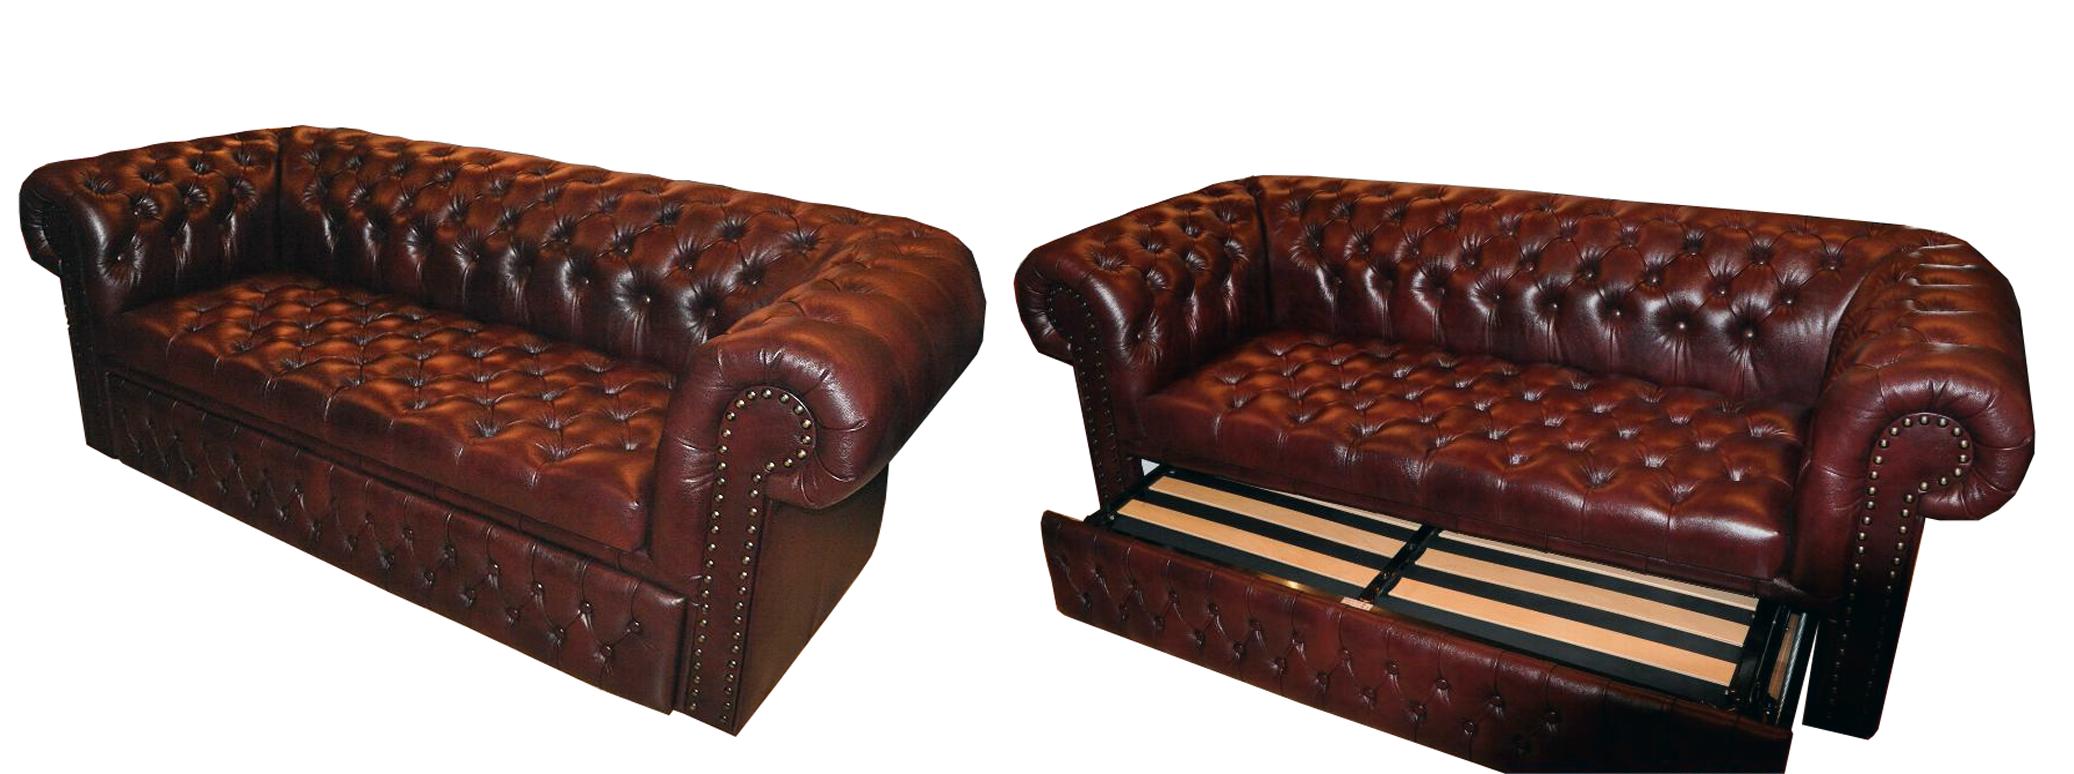 Full Size of 2 Sitzer Sofa Mit Schlaffunktion Designer Chesterfield 3 Luxus Bettfunktion Extra Küche E Geräten Günstig Bett 90x200 Lattenrost Weiß Regal Rollen Sofa 2 Sitzer Sofa Mit Schlaffunktion